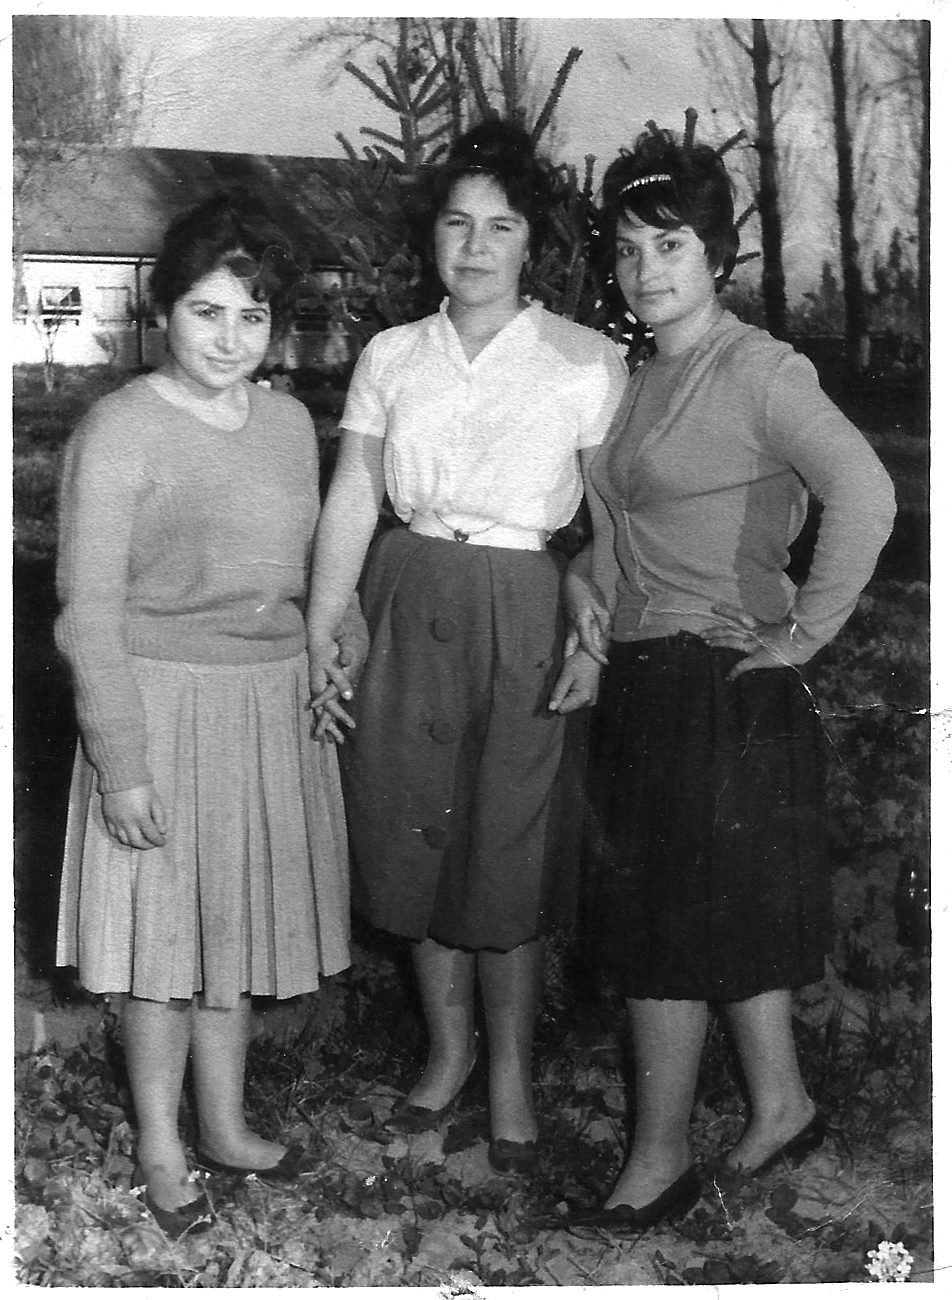 Enterreno - Fotos históricas de chile - fotos antiguas de Chile - Auxiliares de enfermería Hospital Sanatorio El Pino, 1962